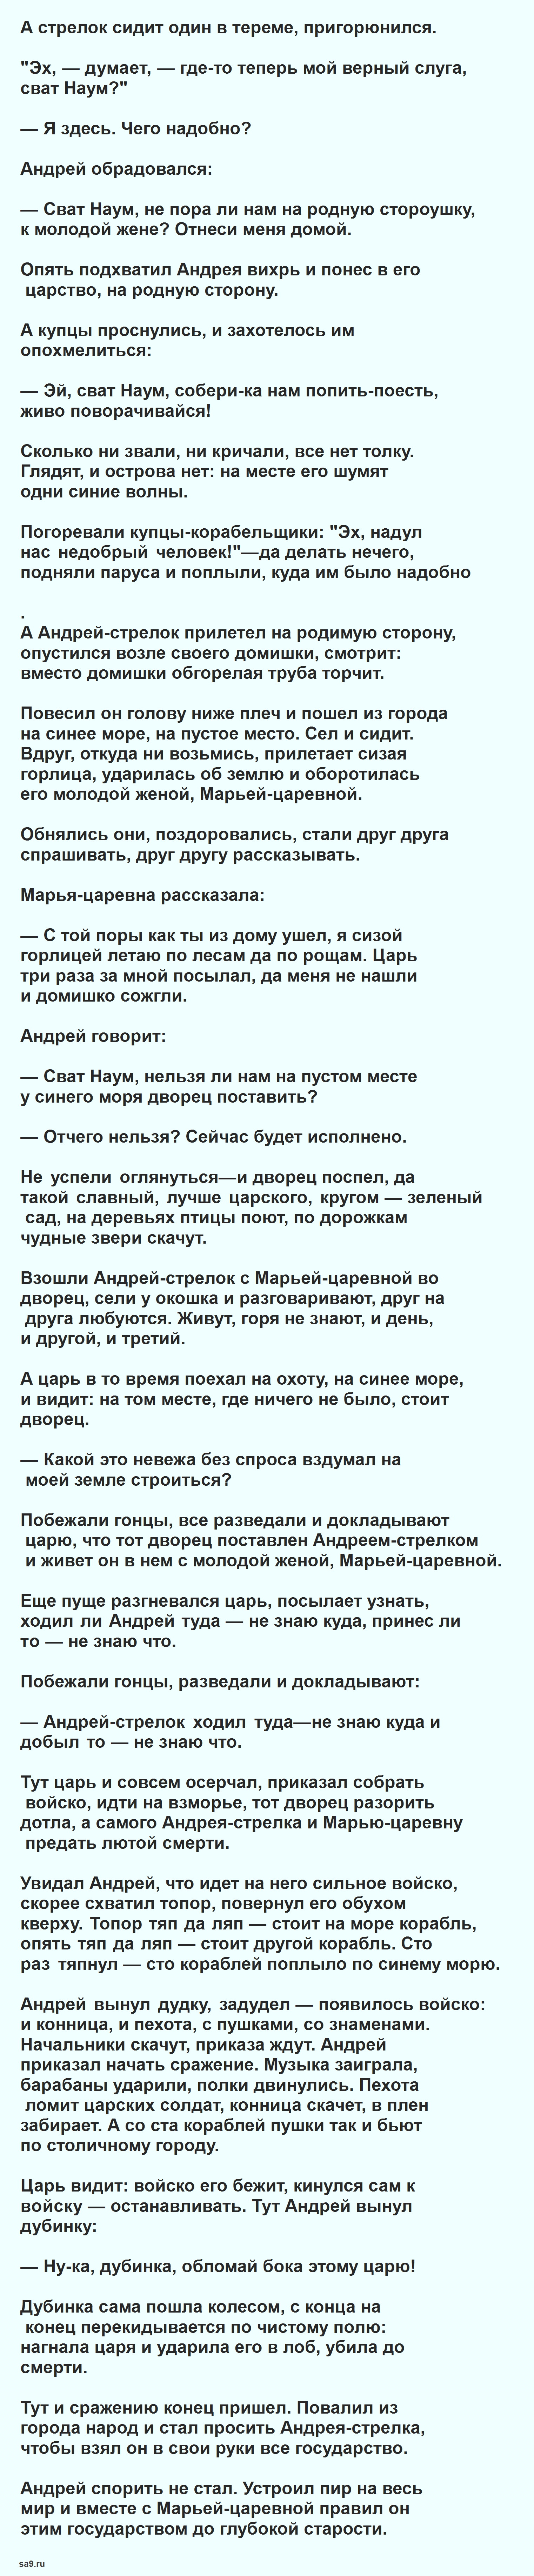 Русская народная сказка - Поди туда не знаю куда, принеси то не знаю что, читать онлайн бесплатно